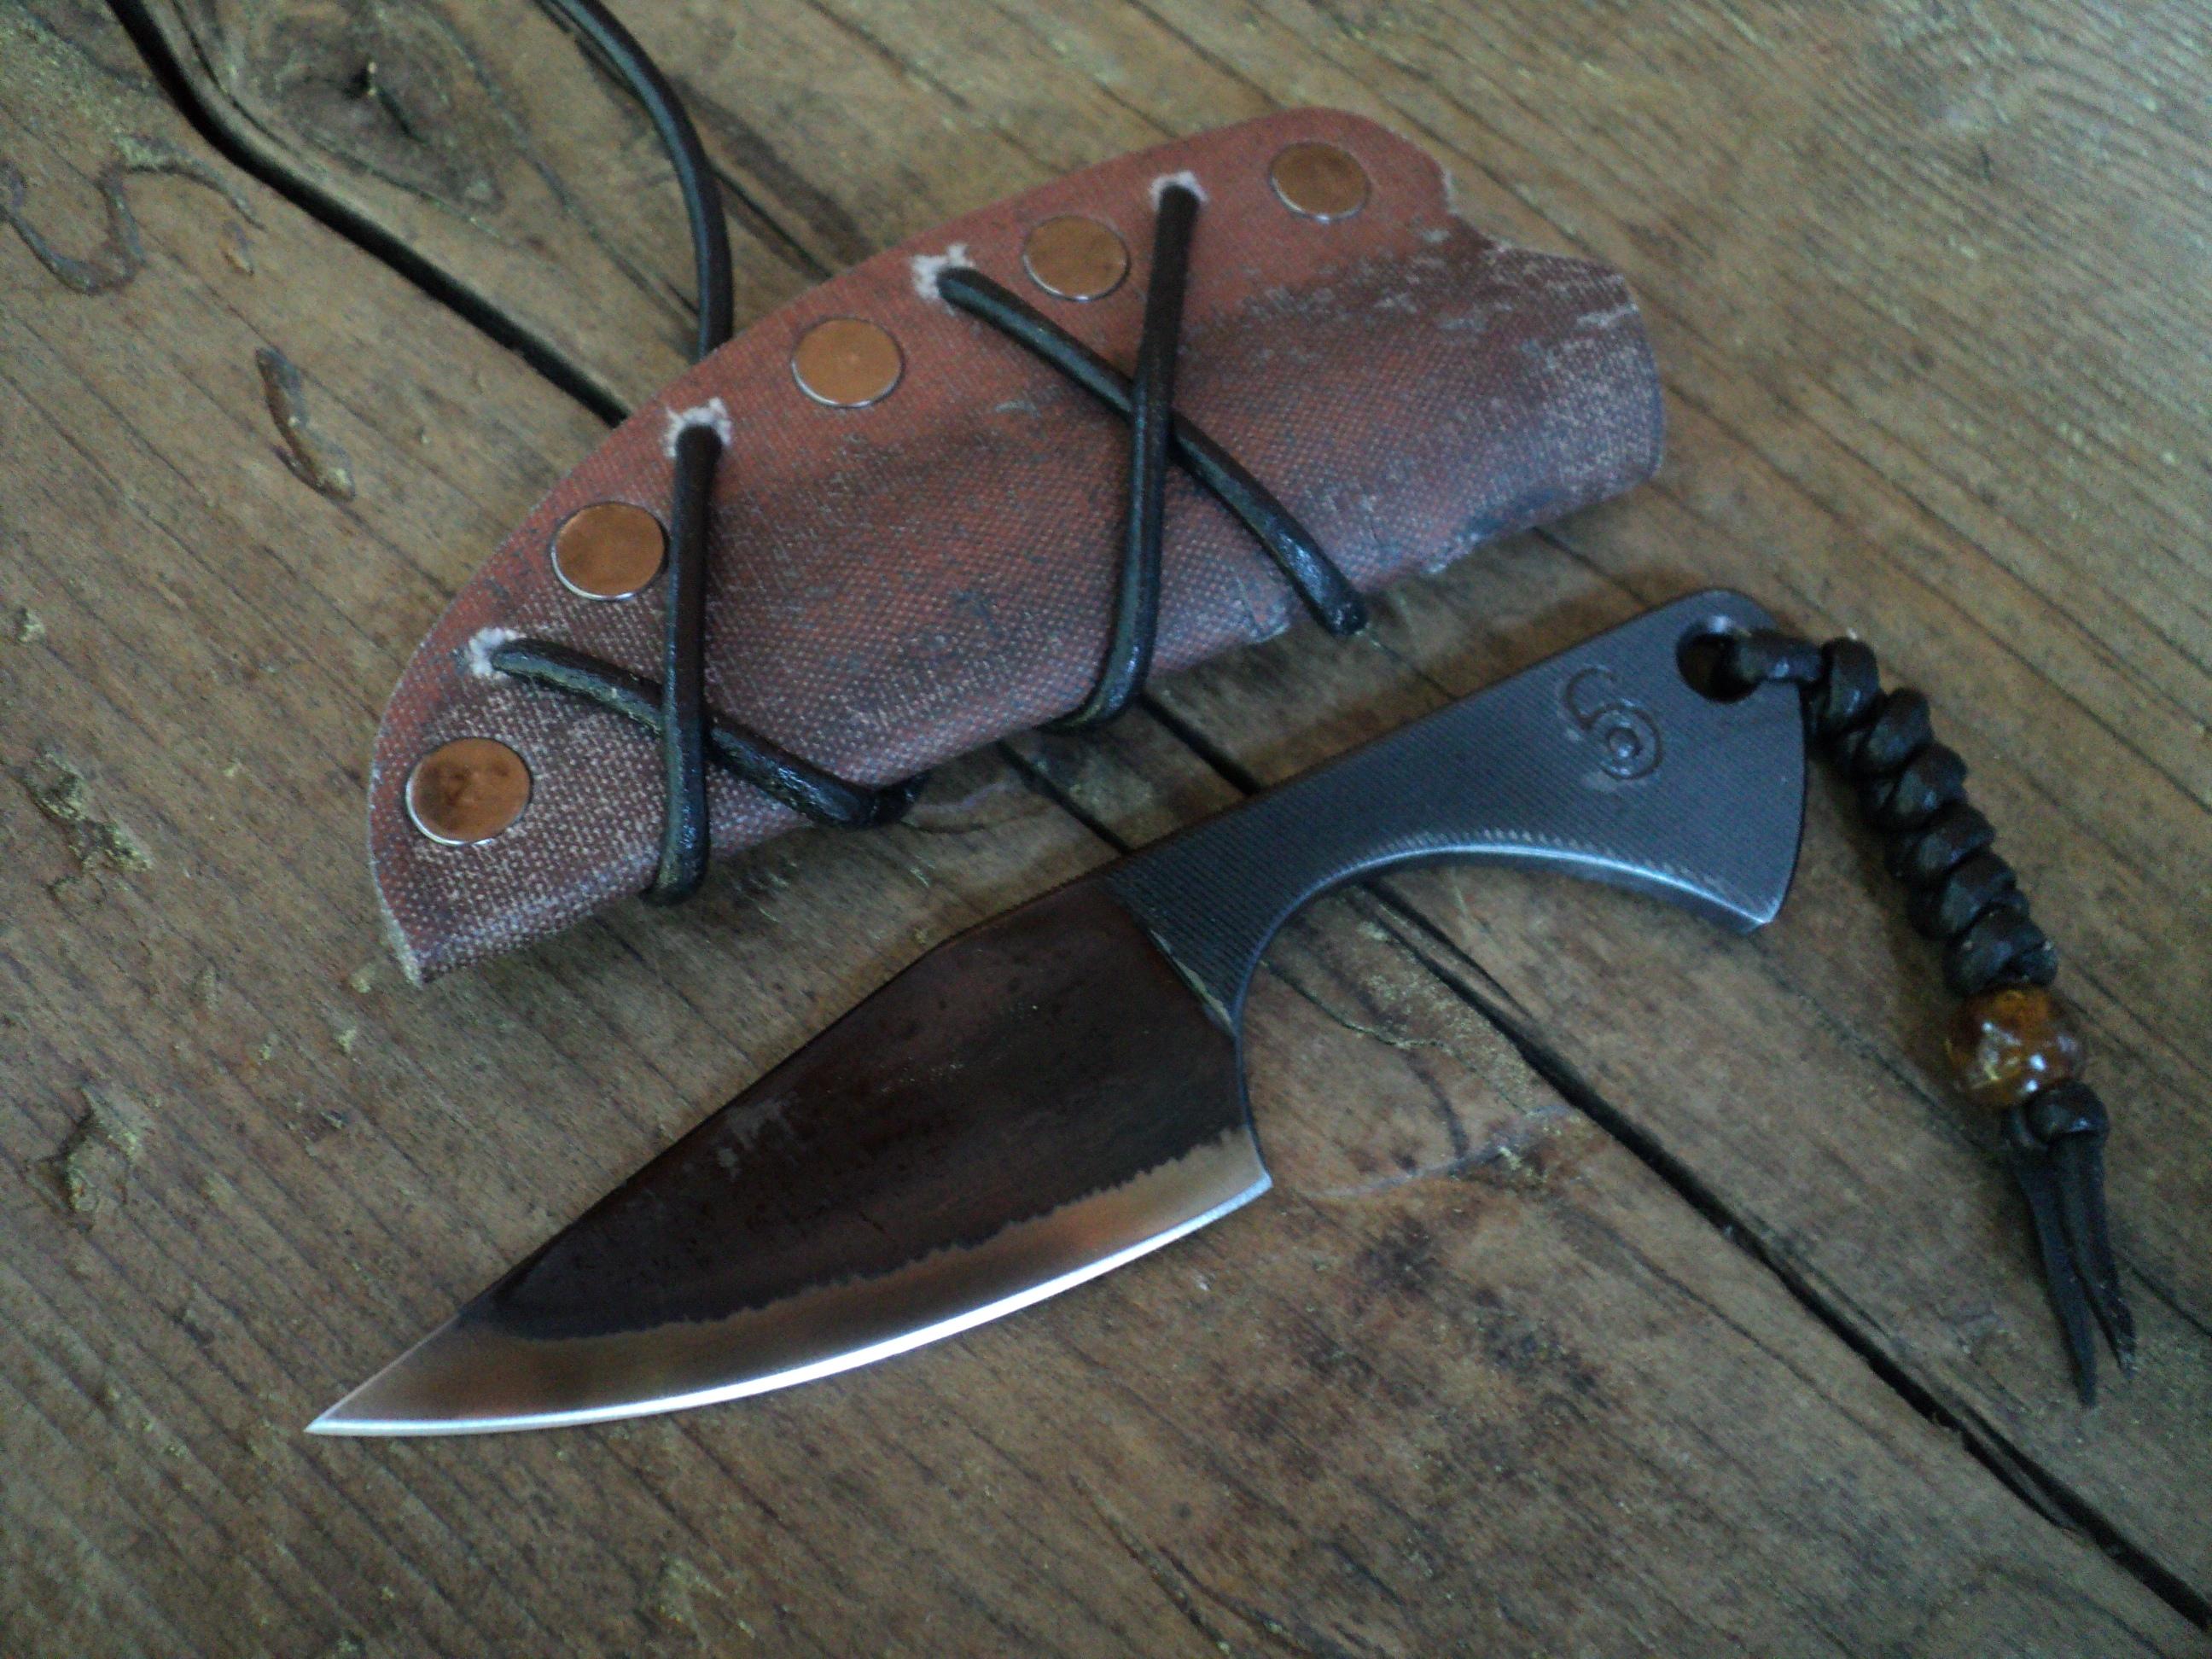 Afterlife Accessories Sage Blades